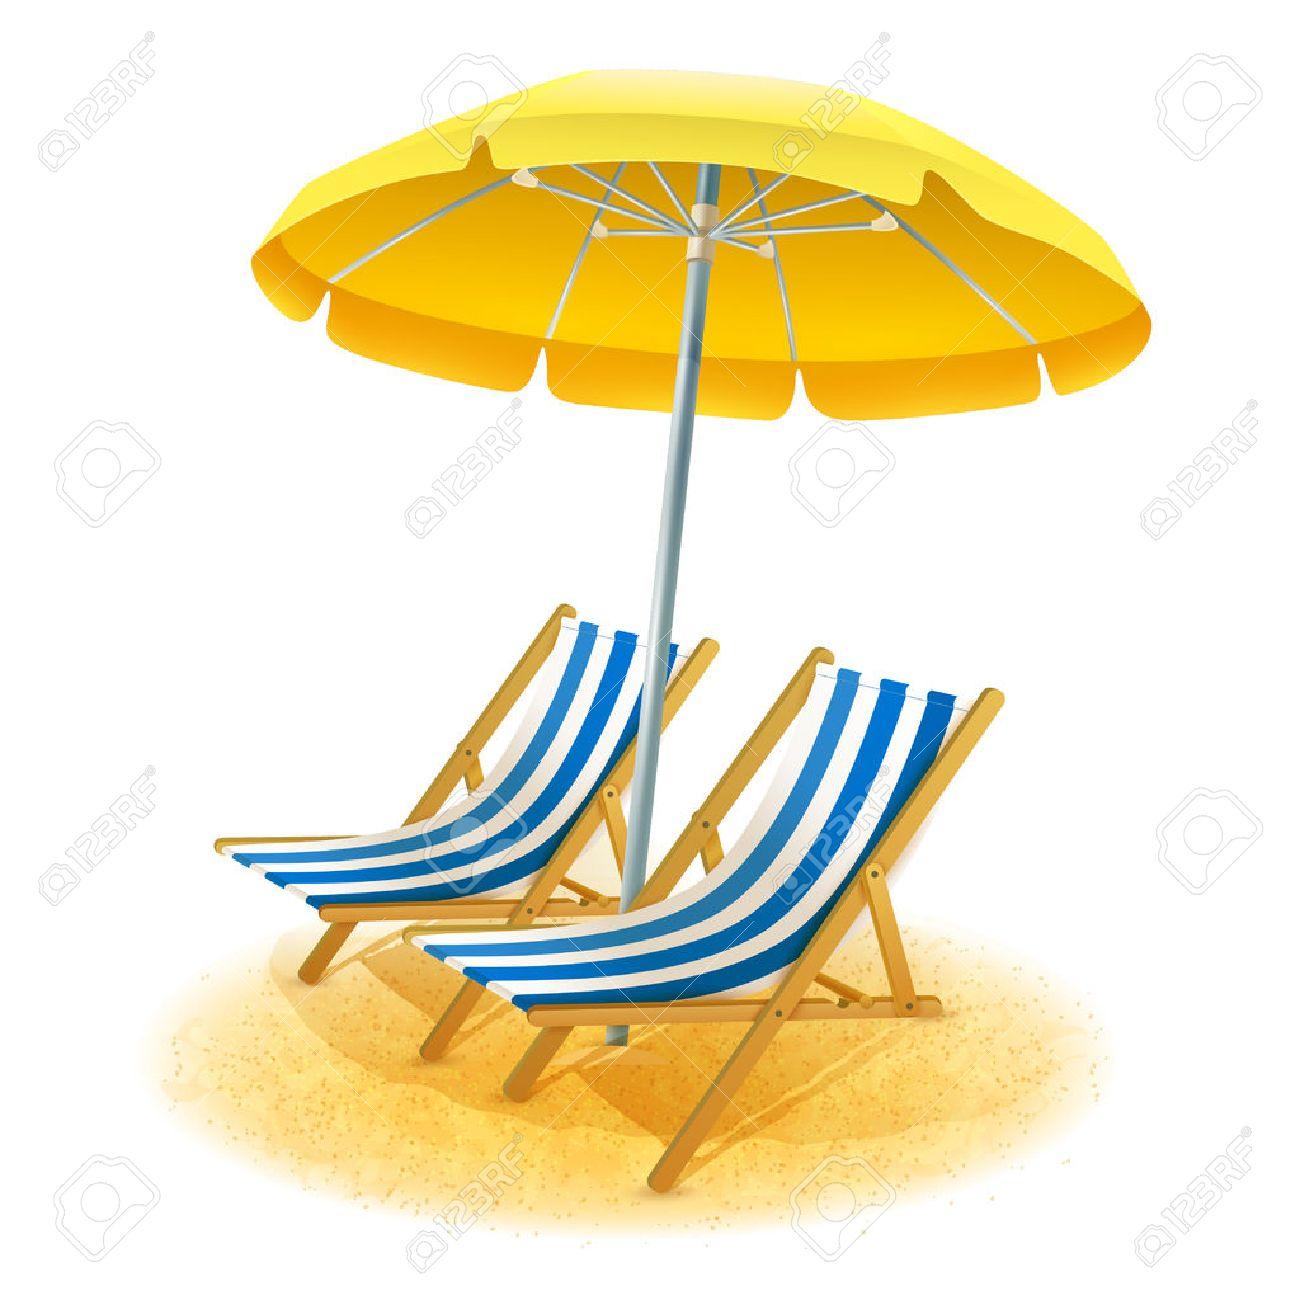 Disegno Ombrellone E Sdraio.Vettoriale Localita Estiva Spiaggia Con Sdraio E Ombrellone